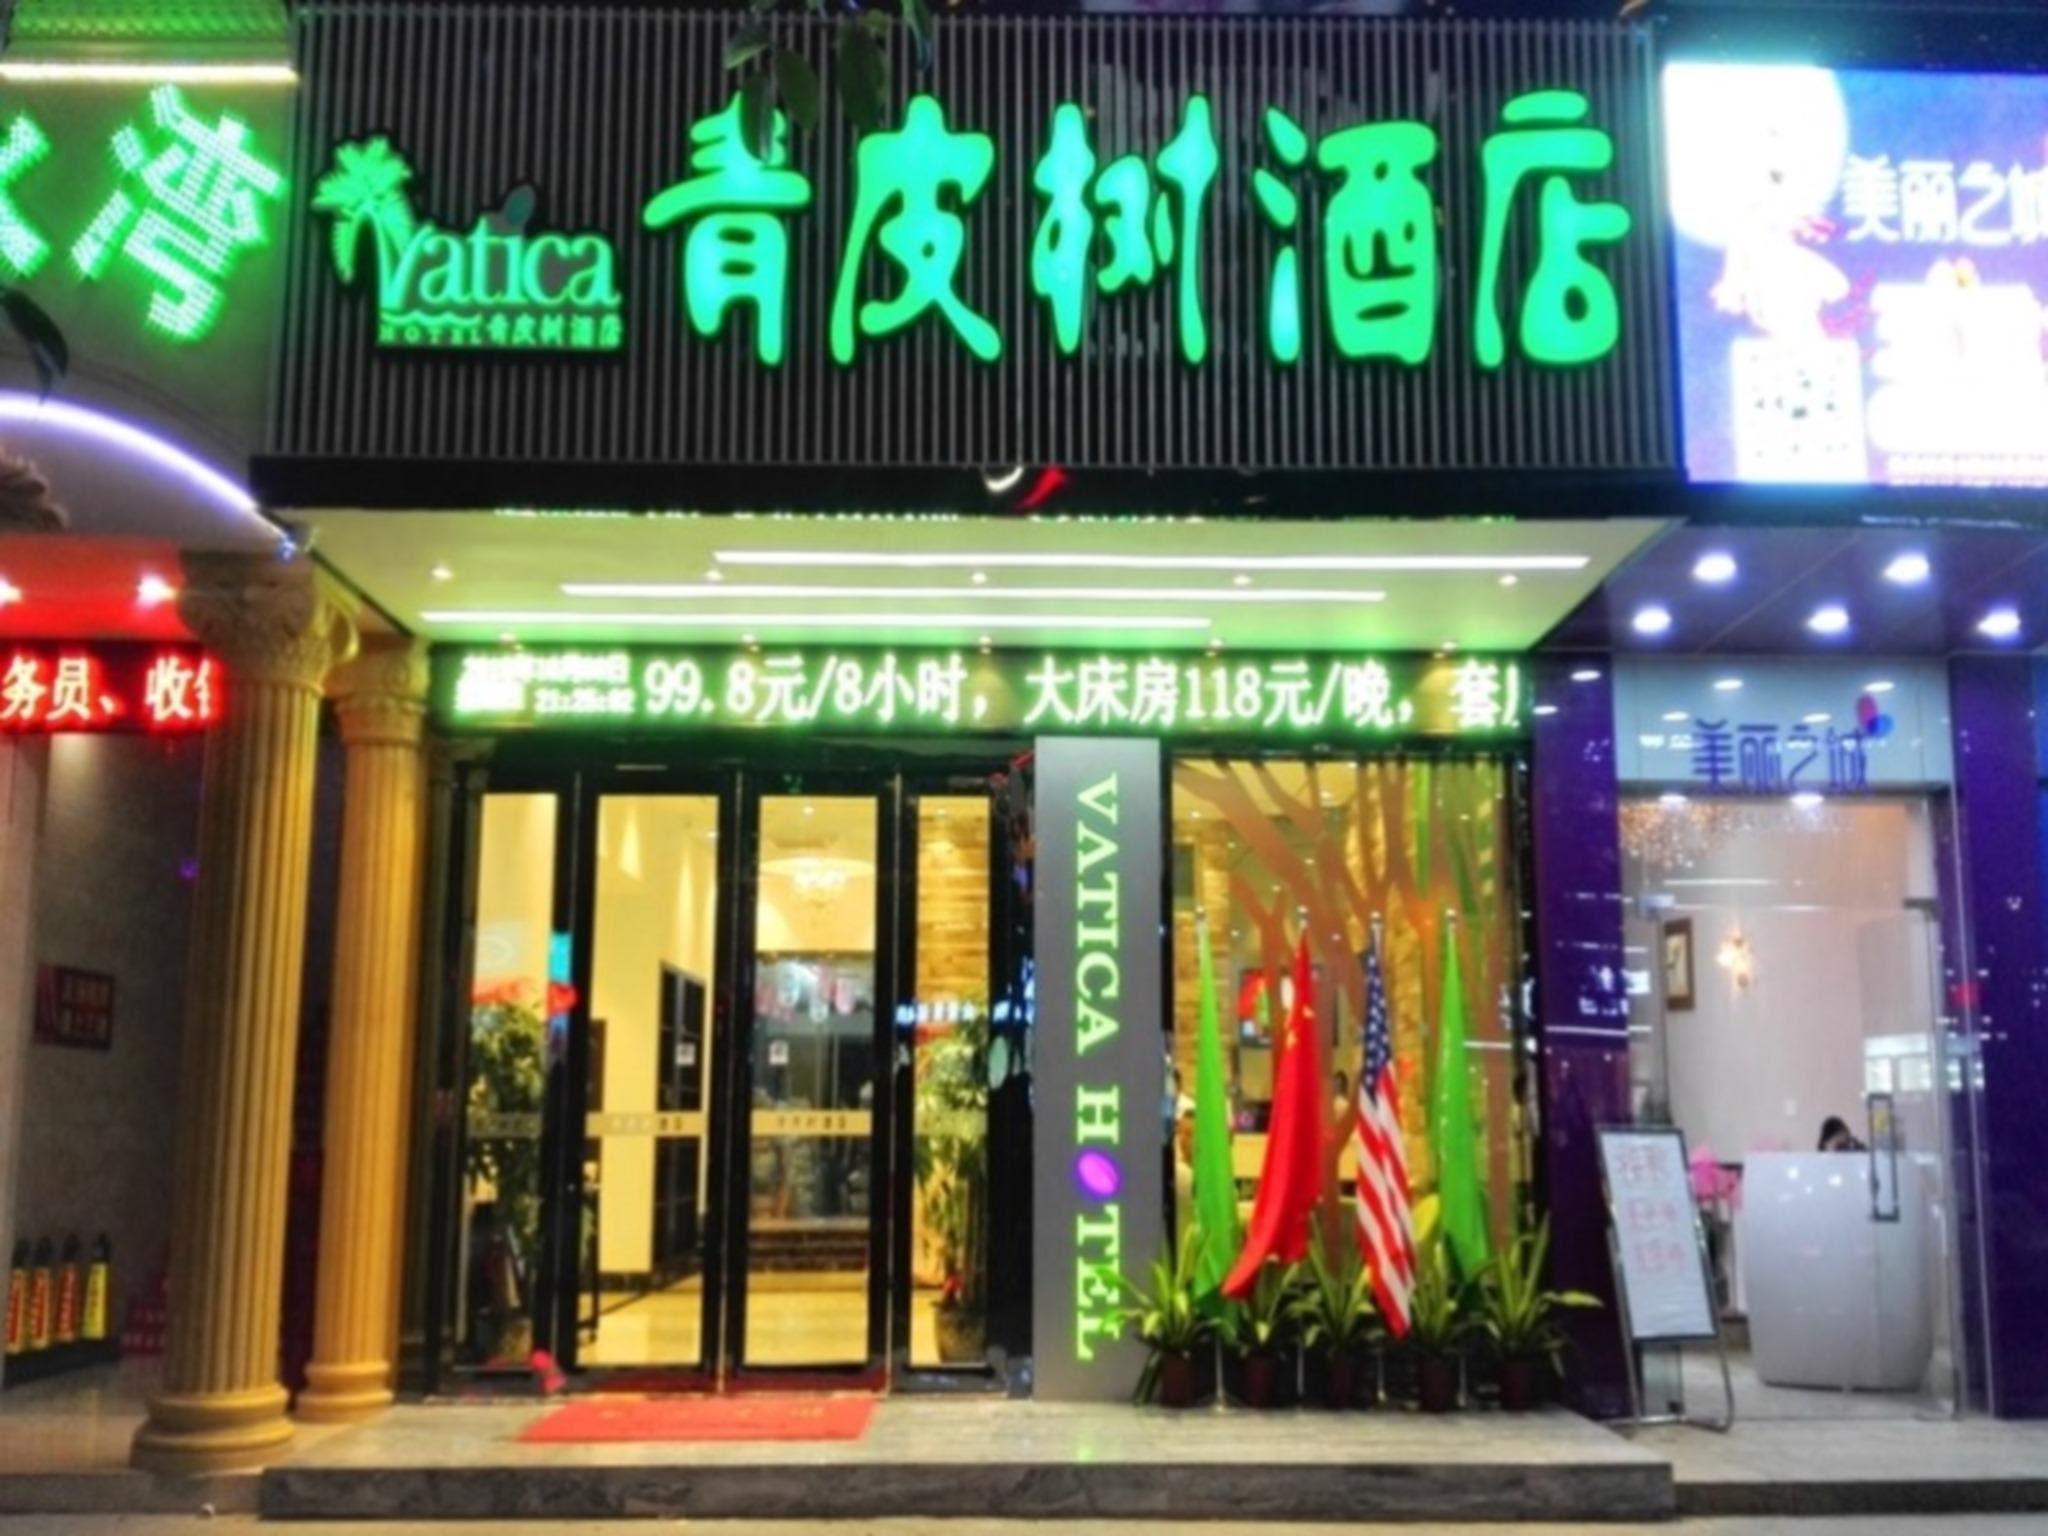 Vatica Shenzhen Longhua Qinghu Metro Station Hotel Reviews